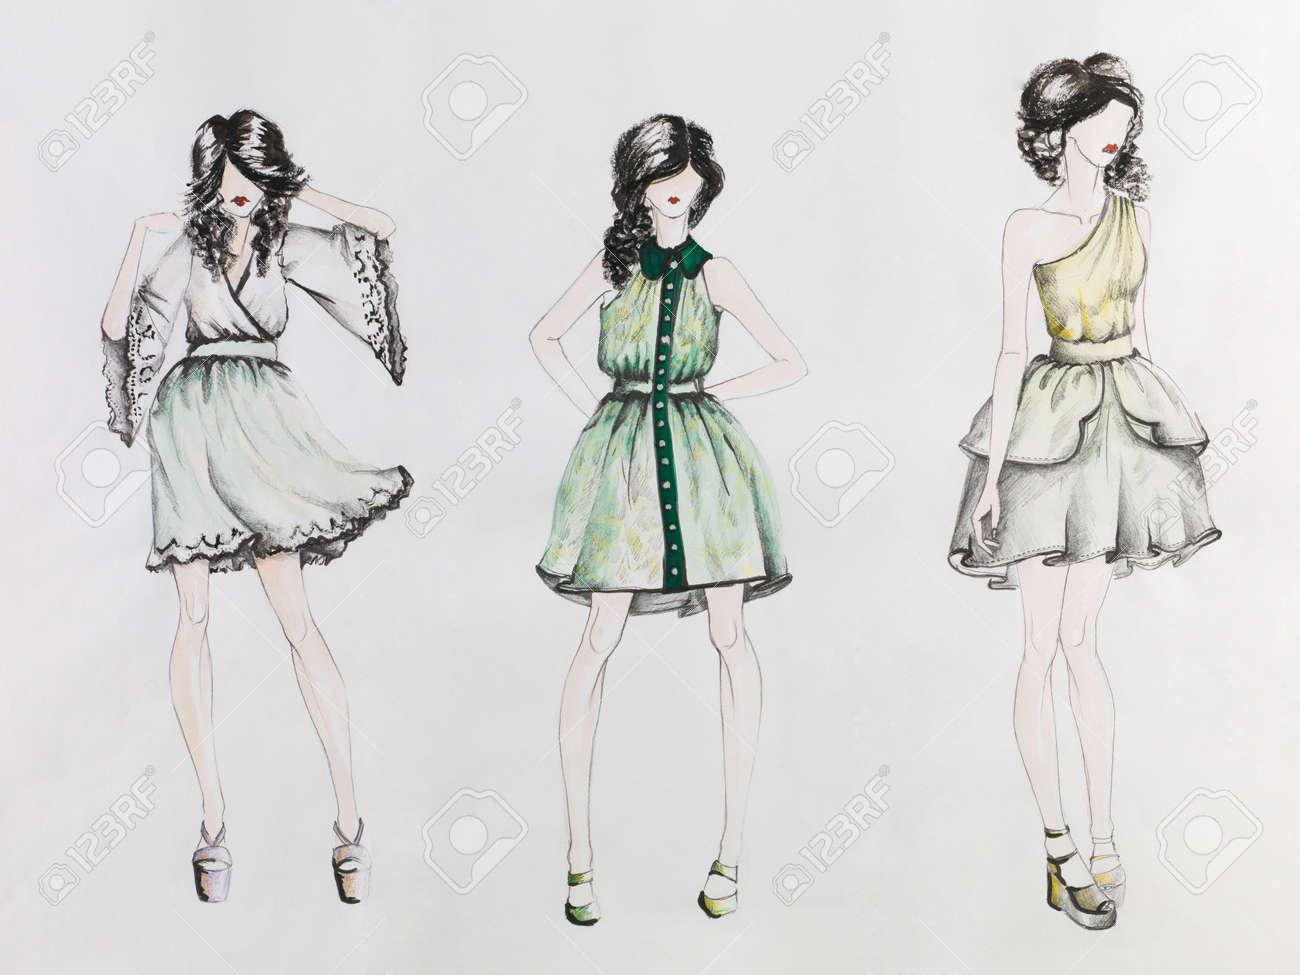 Ziemlich Kleidung Skizzen Vorlagen Fotos - Entry Level Resume ...